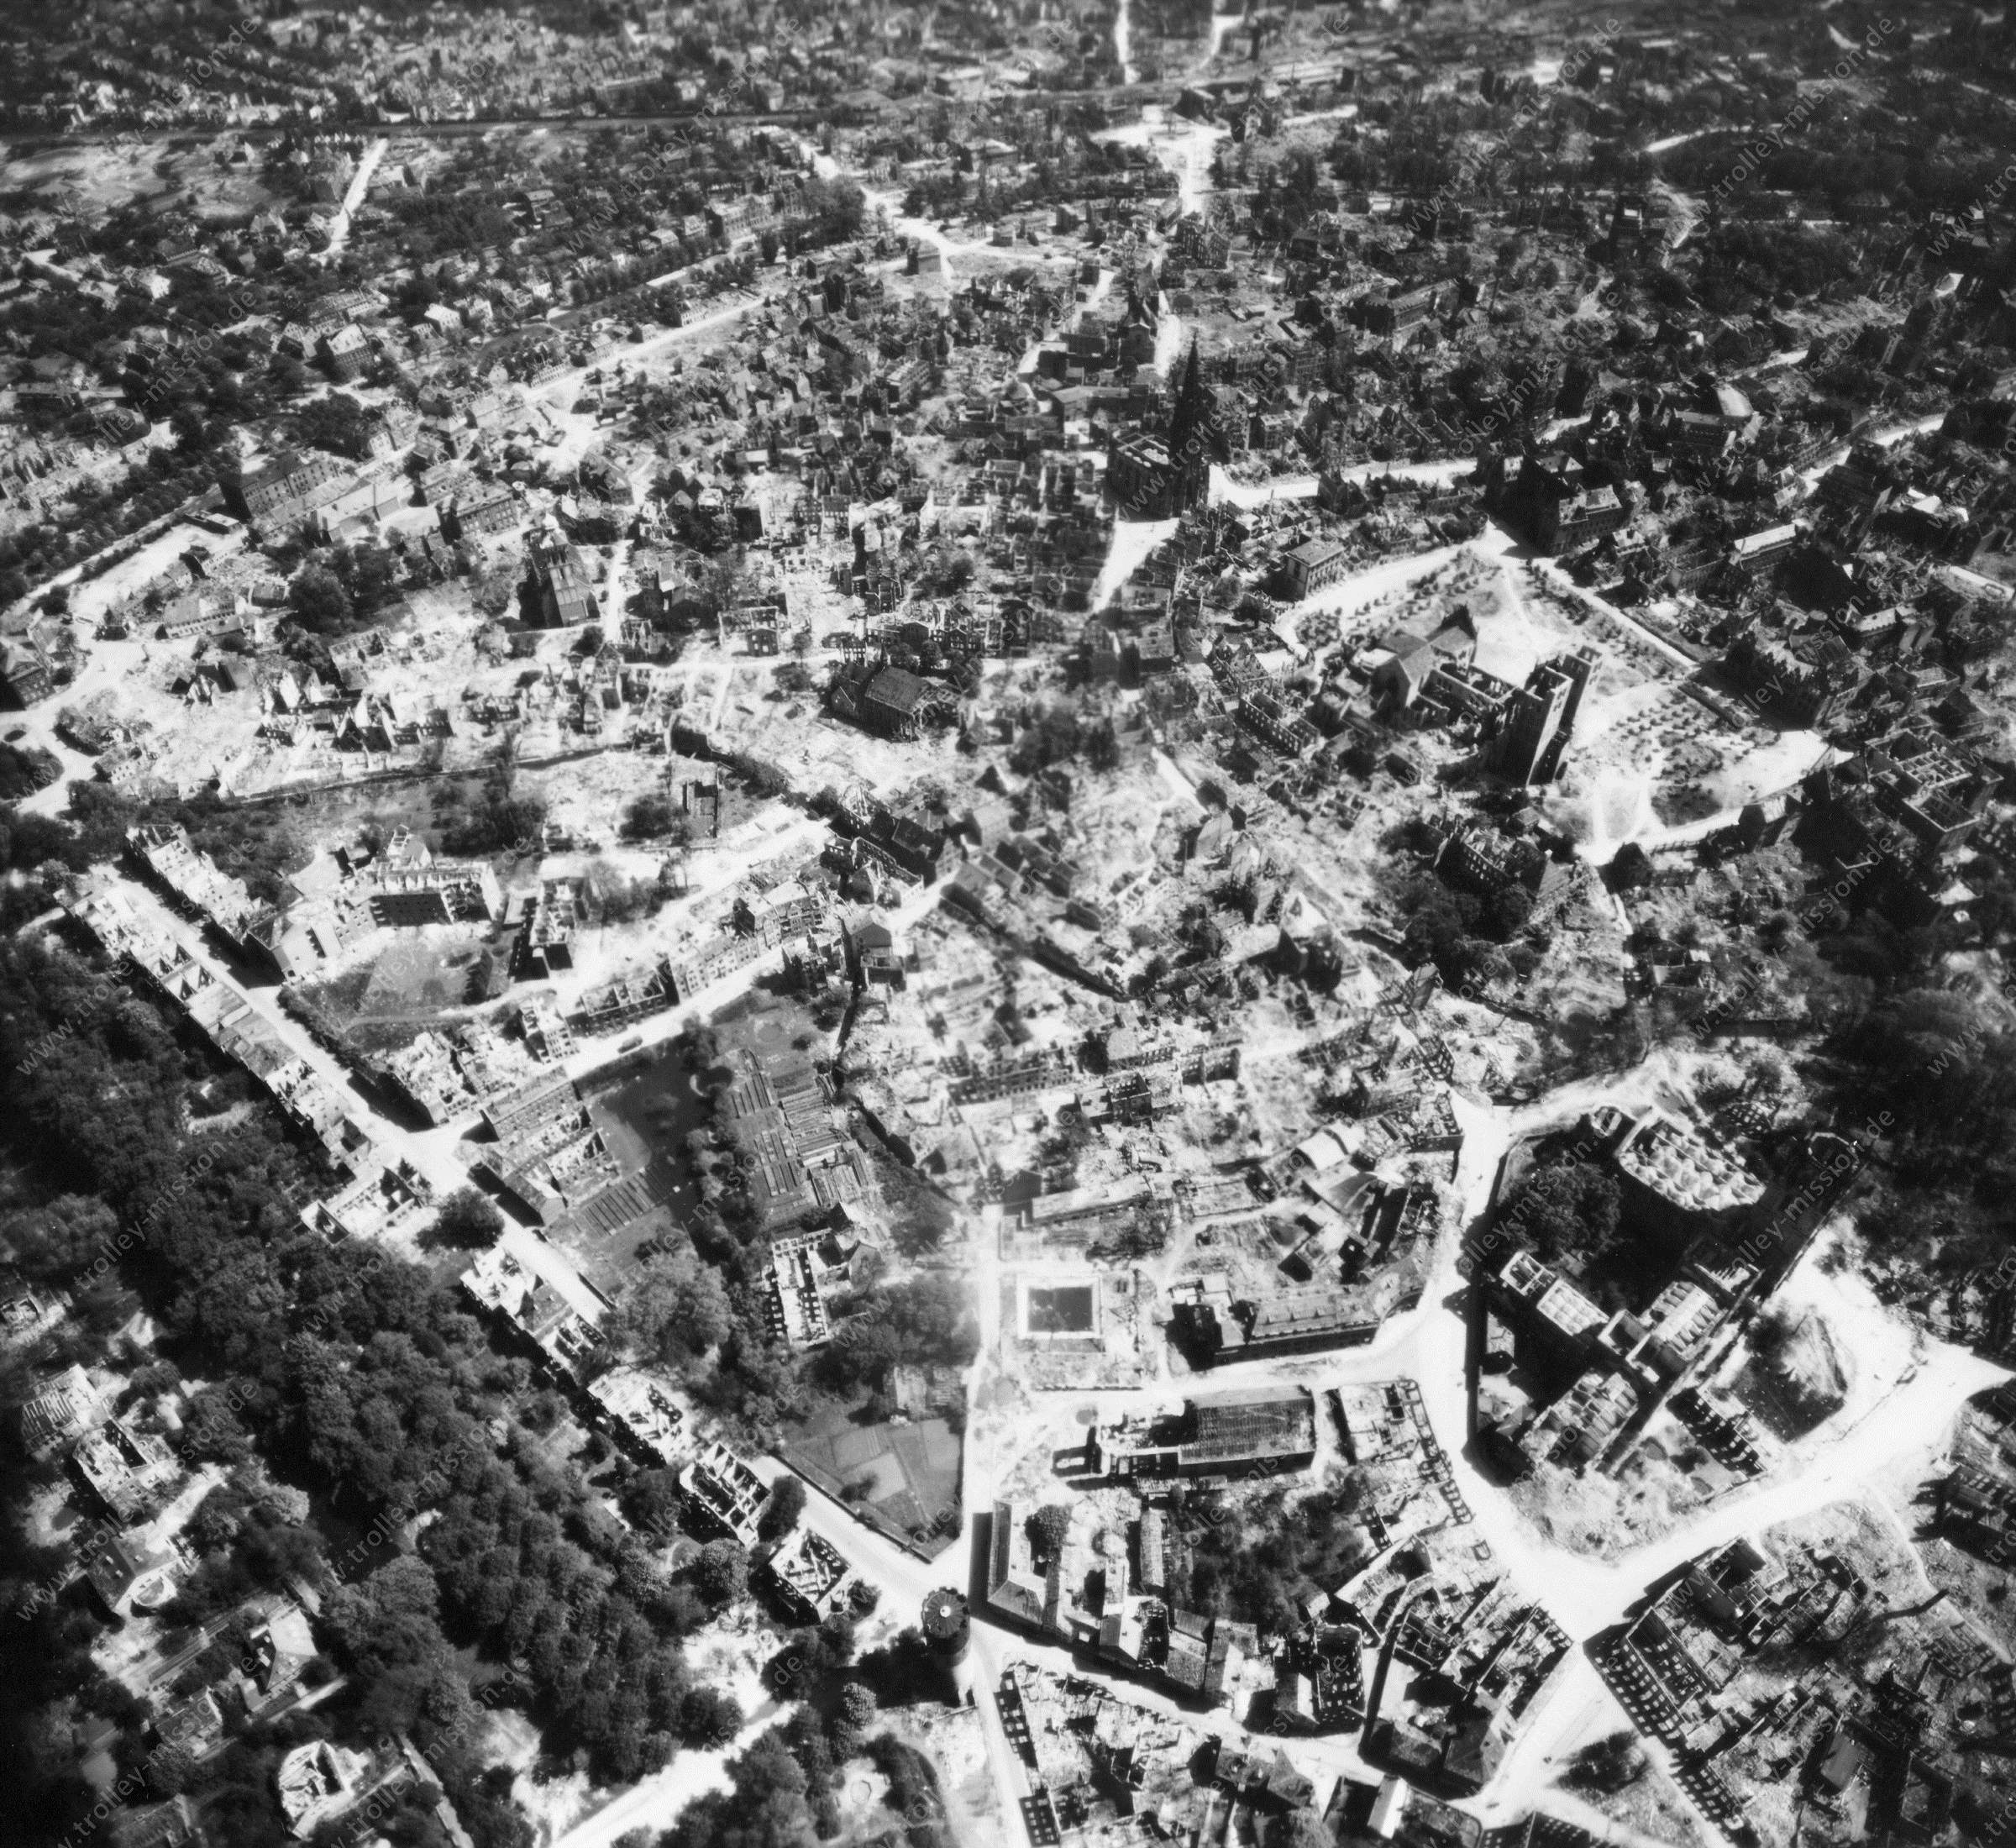 Luftbild der im Krieg zerstörten Innenstadt von Münster - Luftbildserie 7/11 der US Air Force von Münster (12. Mai 1945)